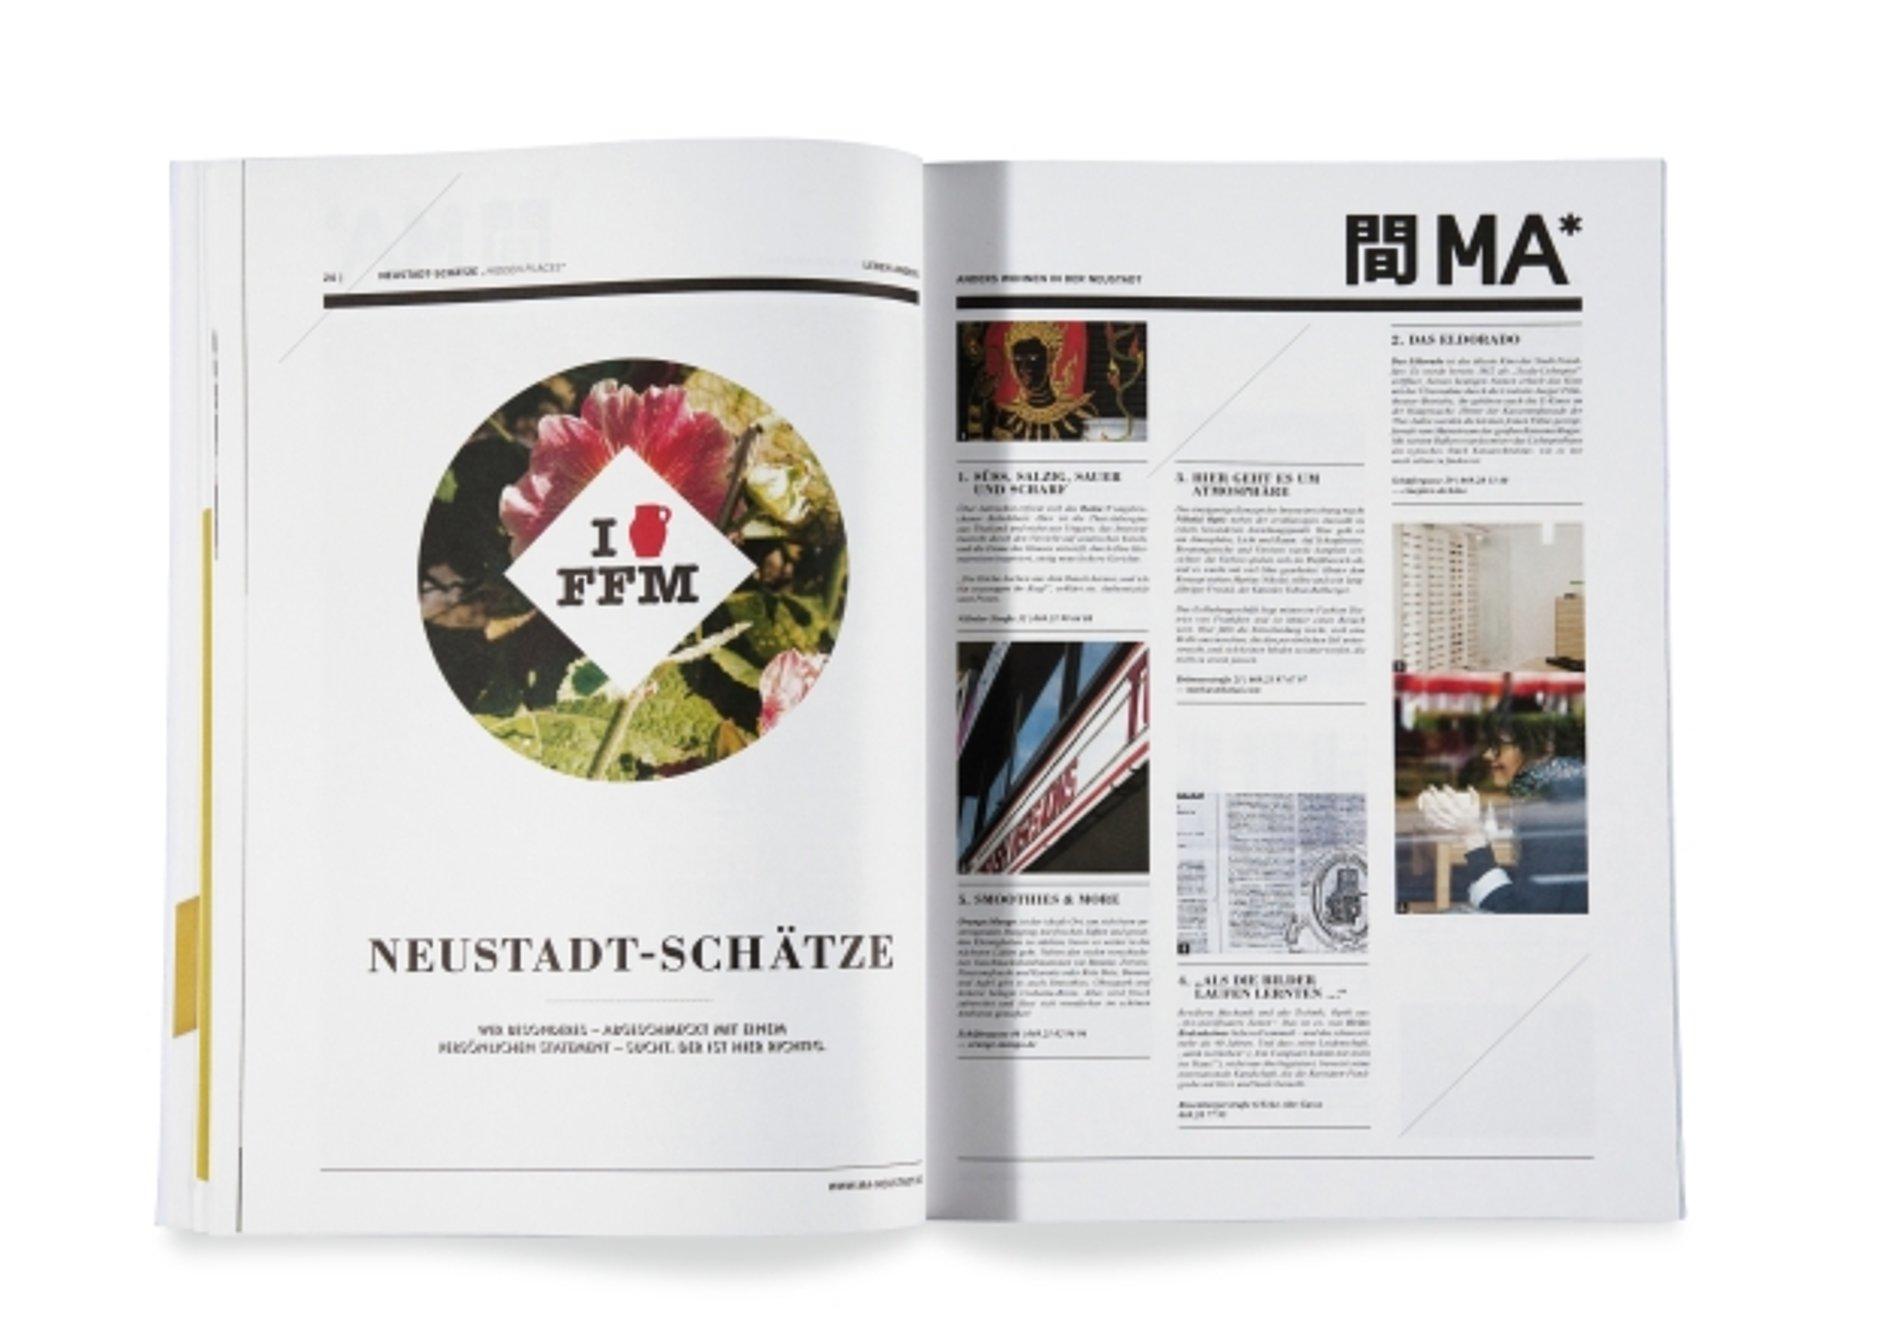 MA* | Red Dot Design Award